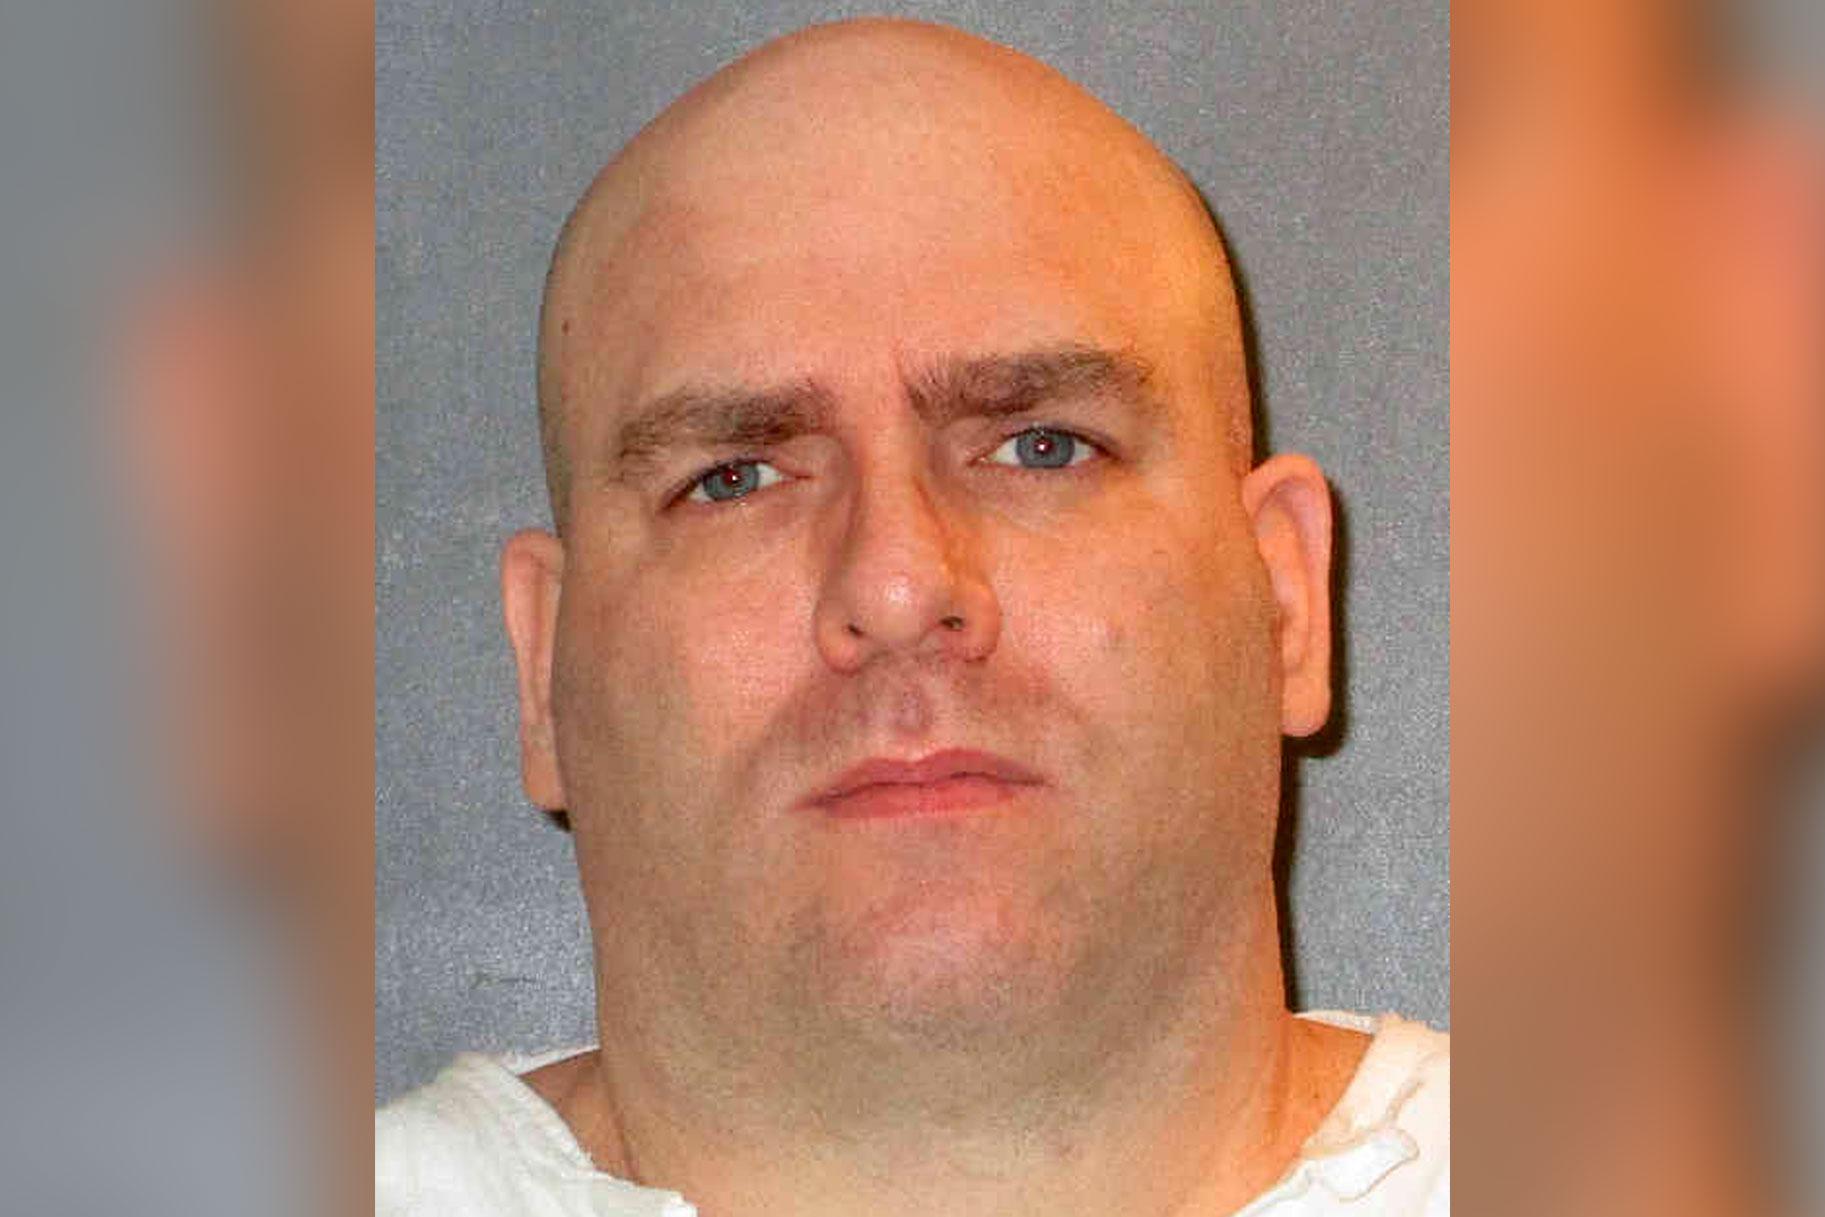 'לורד, סלח להם. הם לא יודעים מה הם עושים ': אסיר מכחיש אשמה כשהוא מוצא להורג בגין אונס, רצח של בני נוער